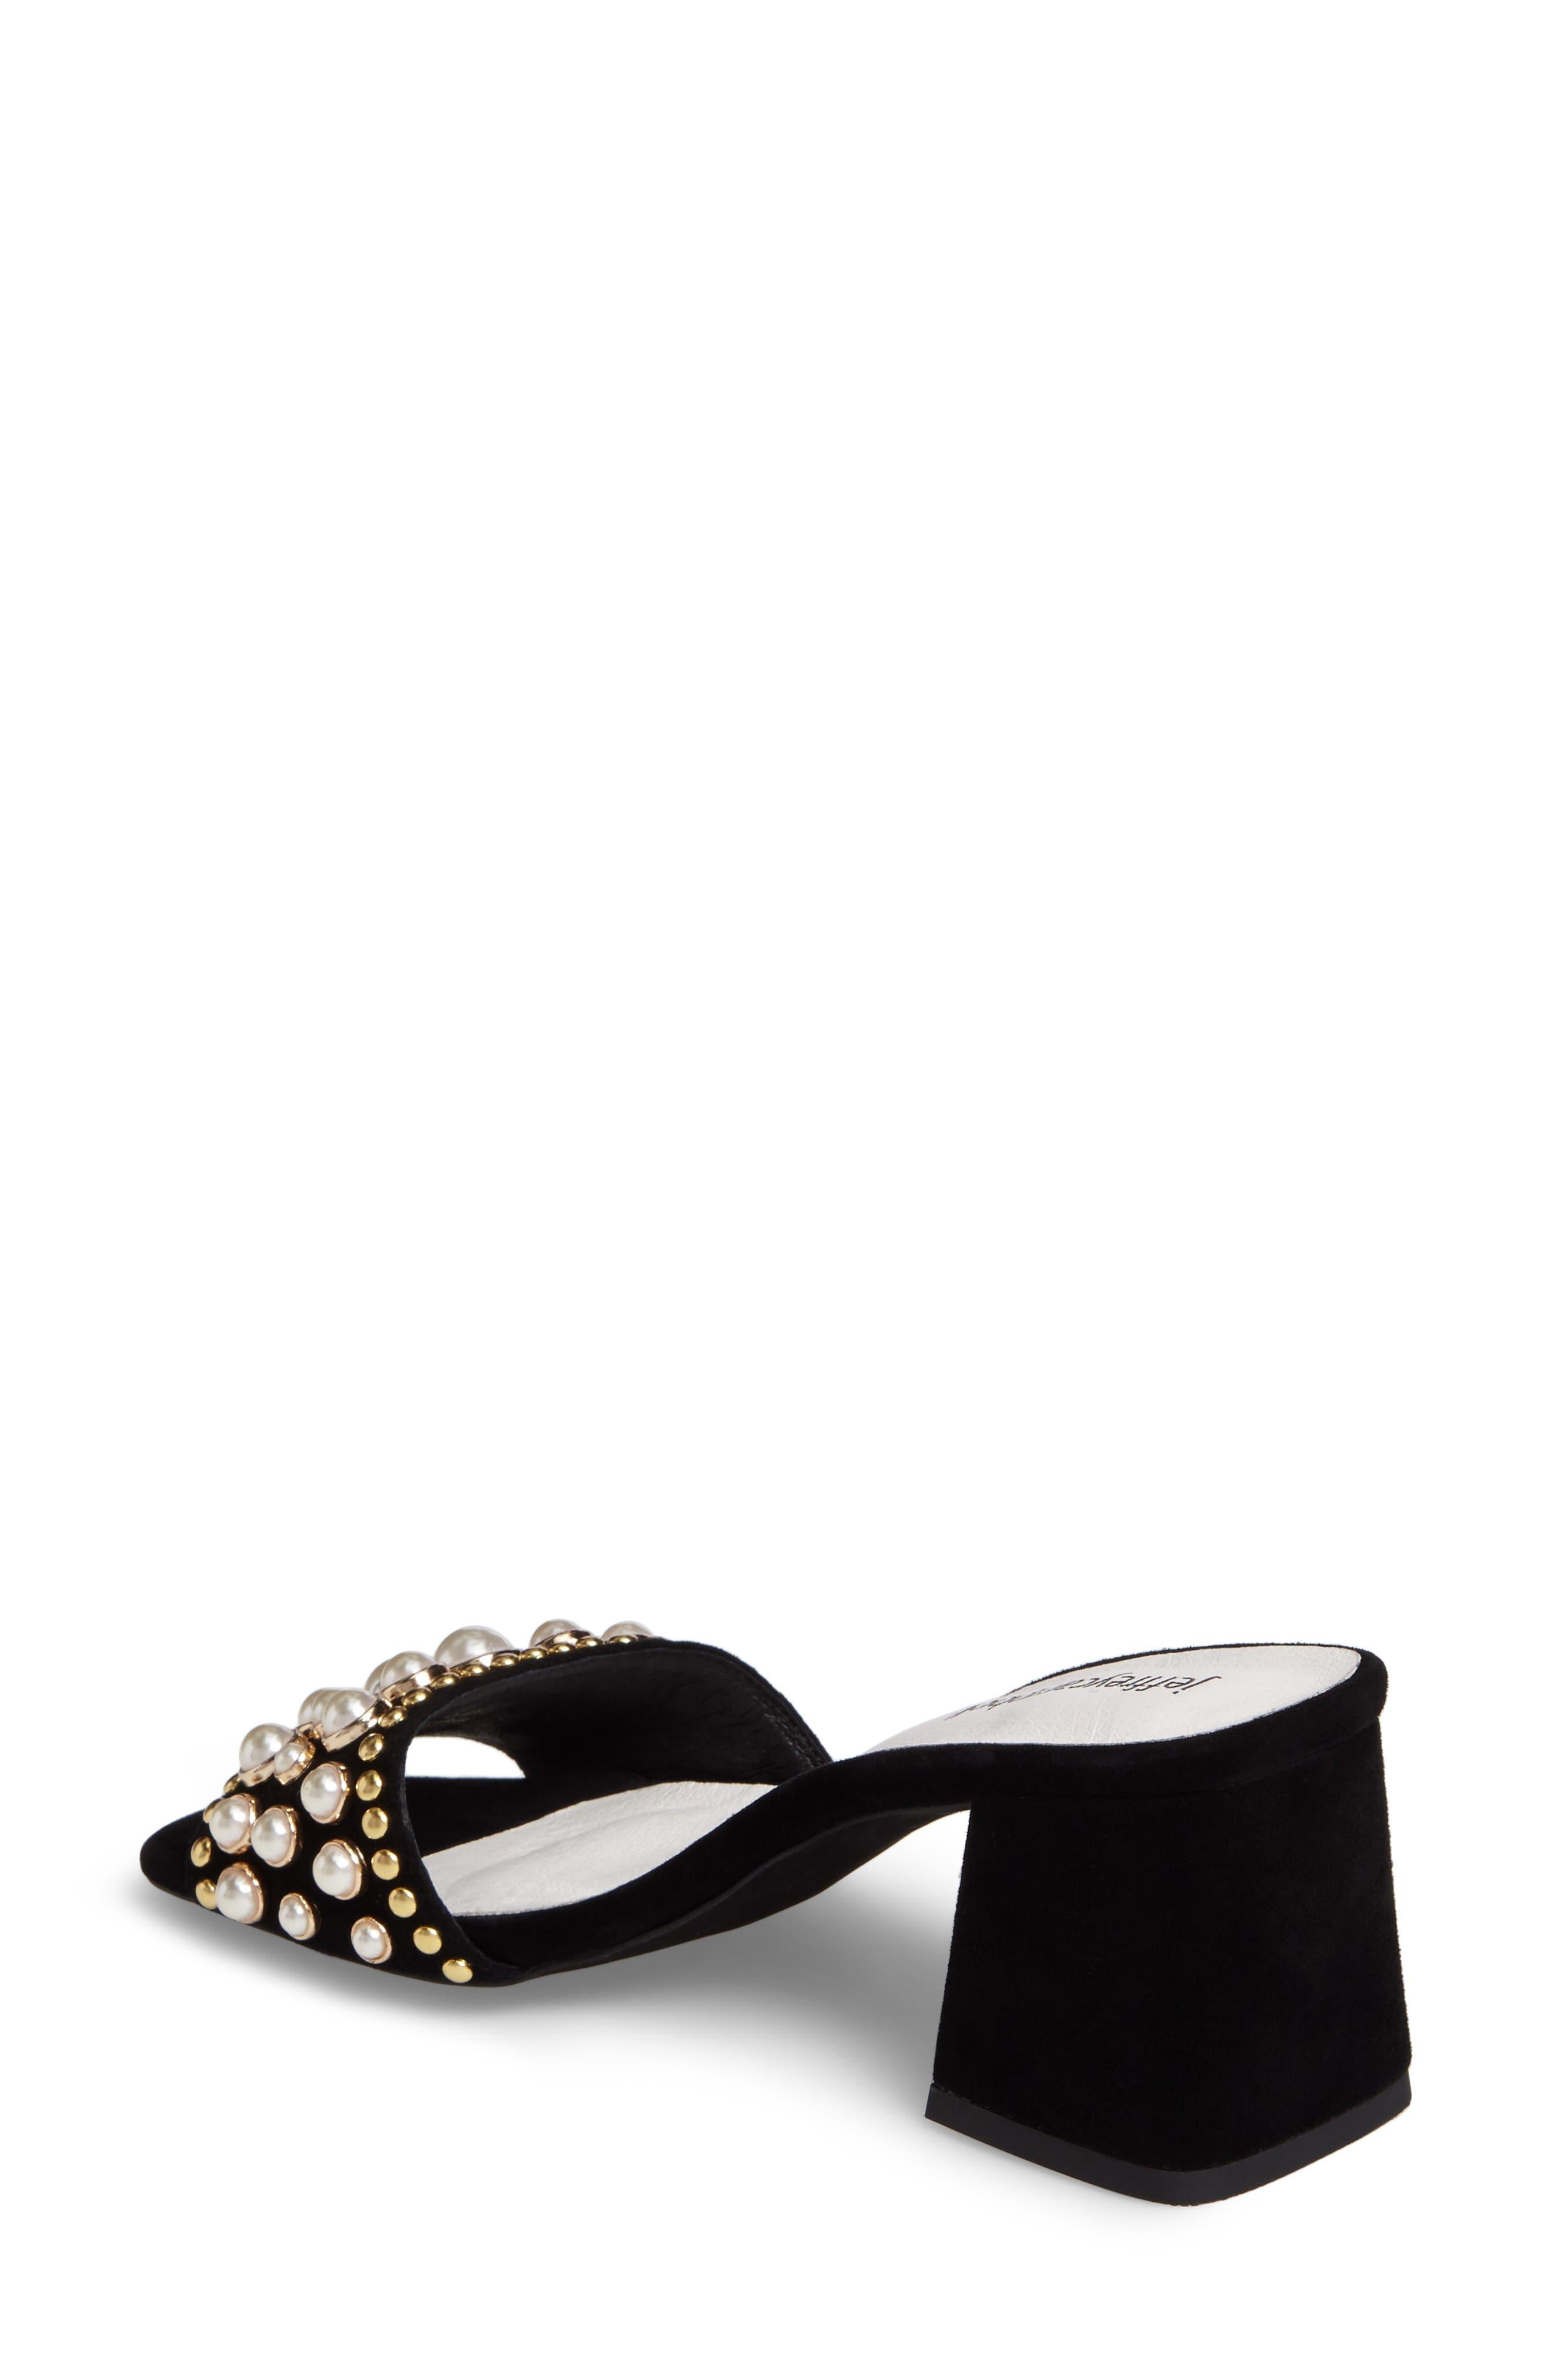 Parr Embellished Slide Sandal,                             Alternate thumbnail 2, color,                             Black Suede